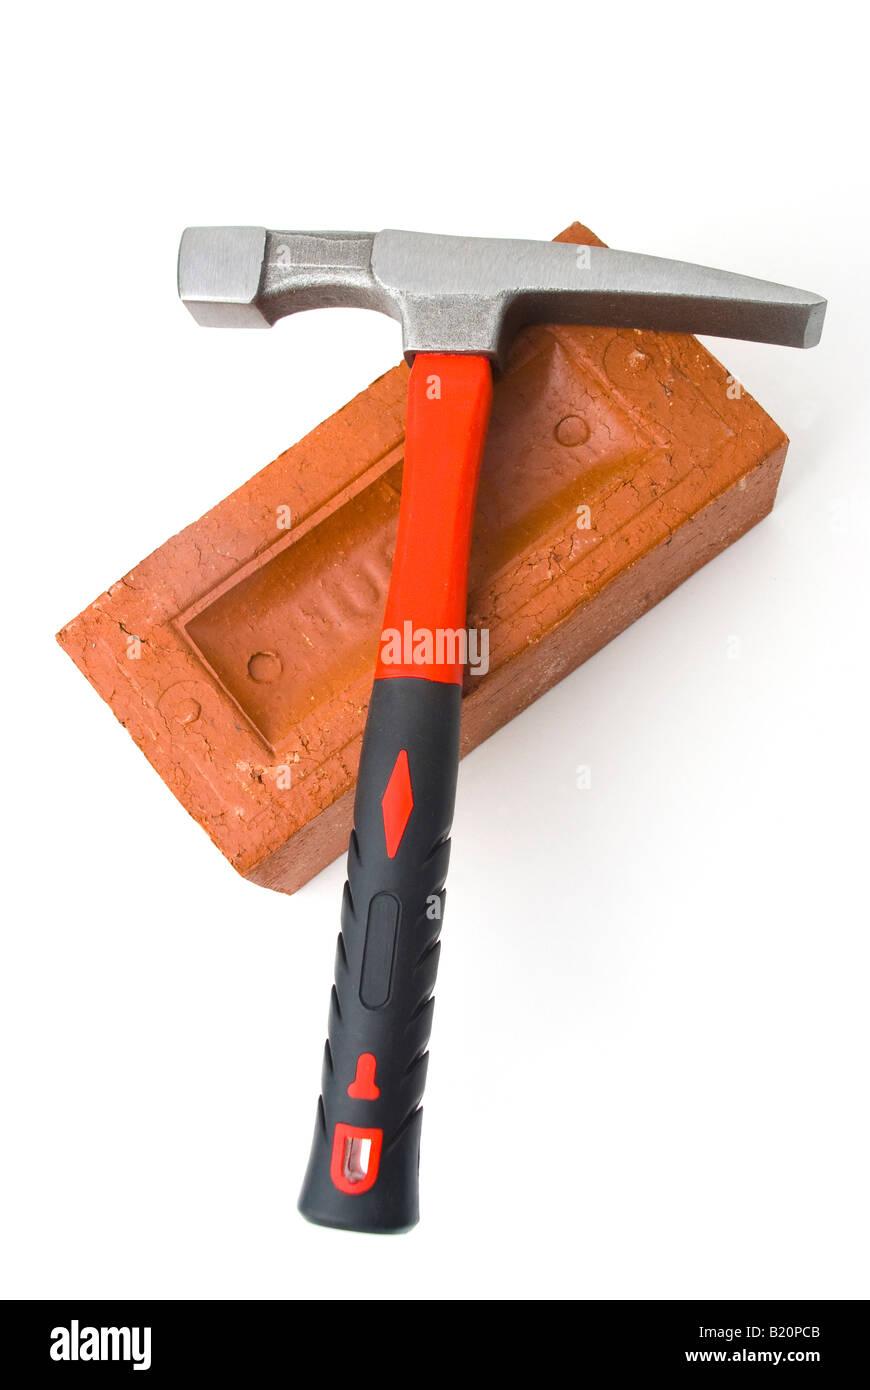 Brick hammer and brick Stock Photo